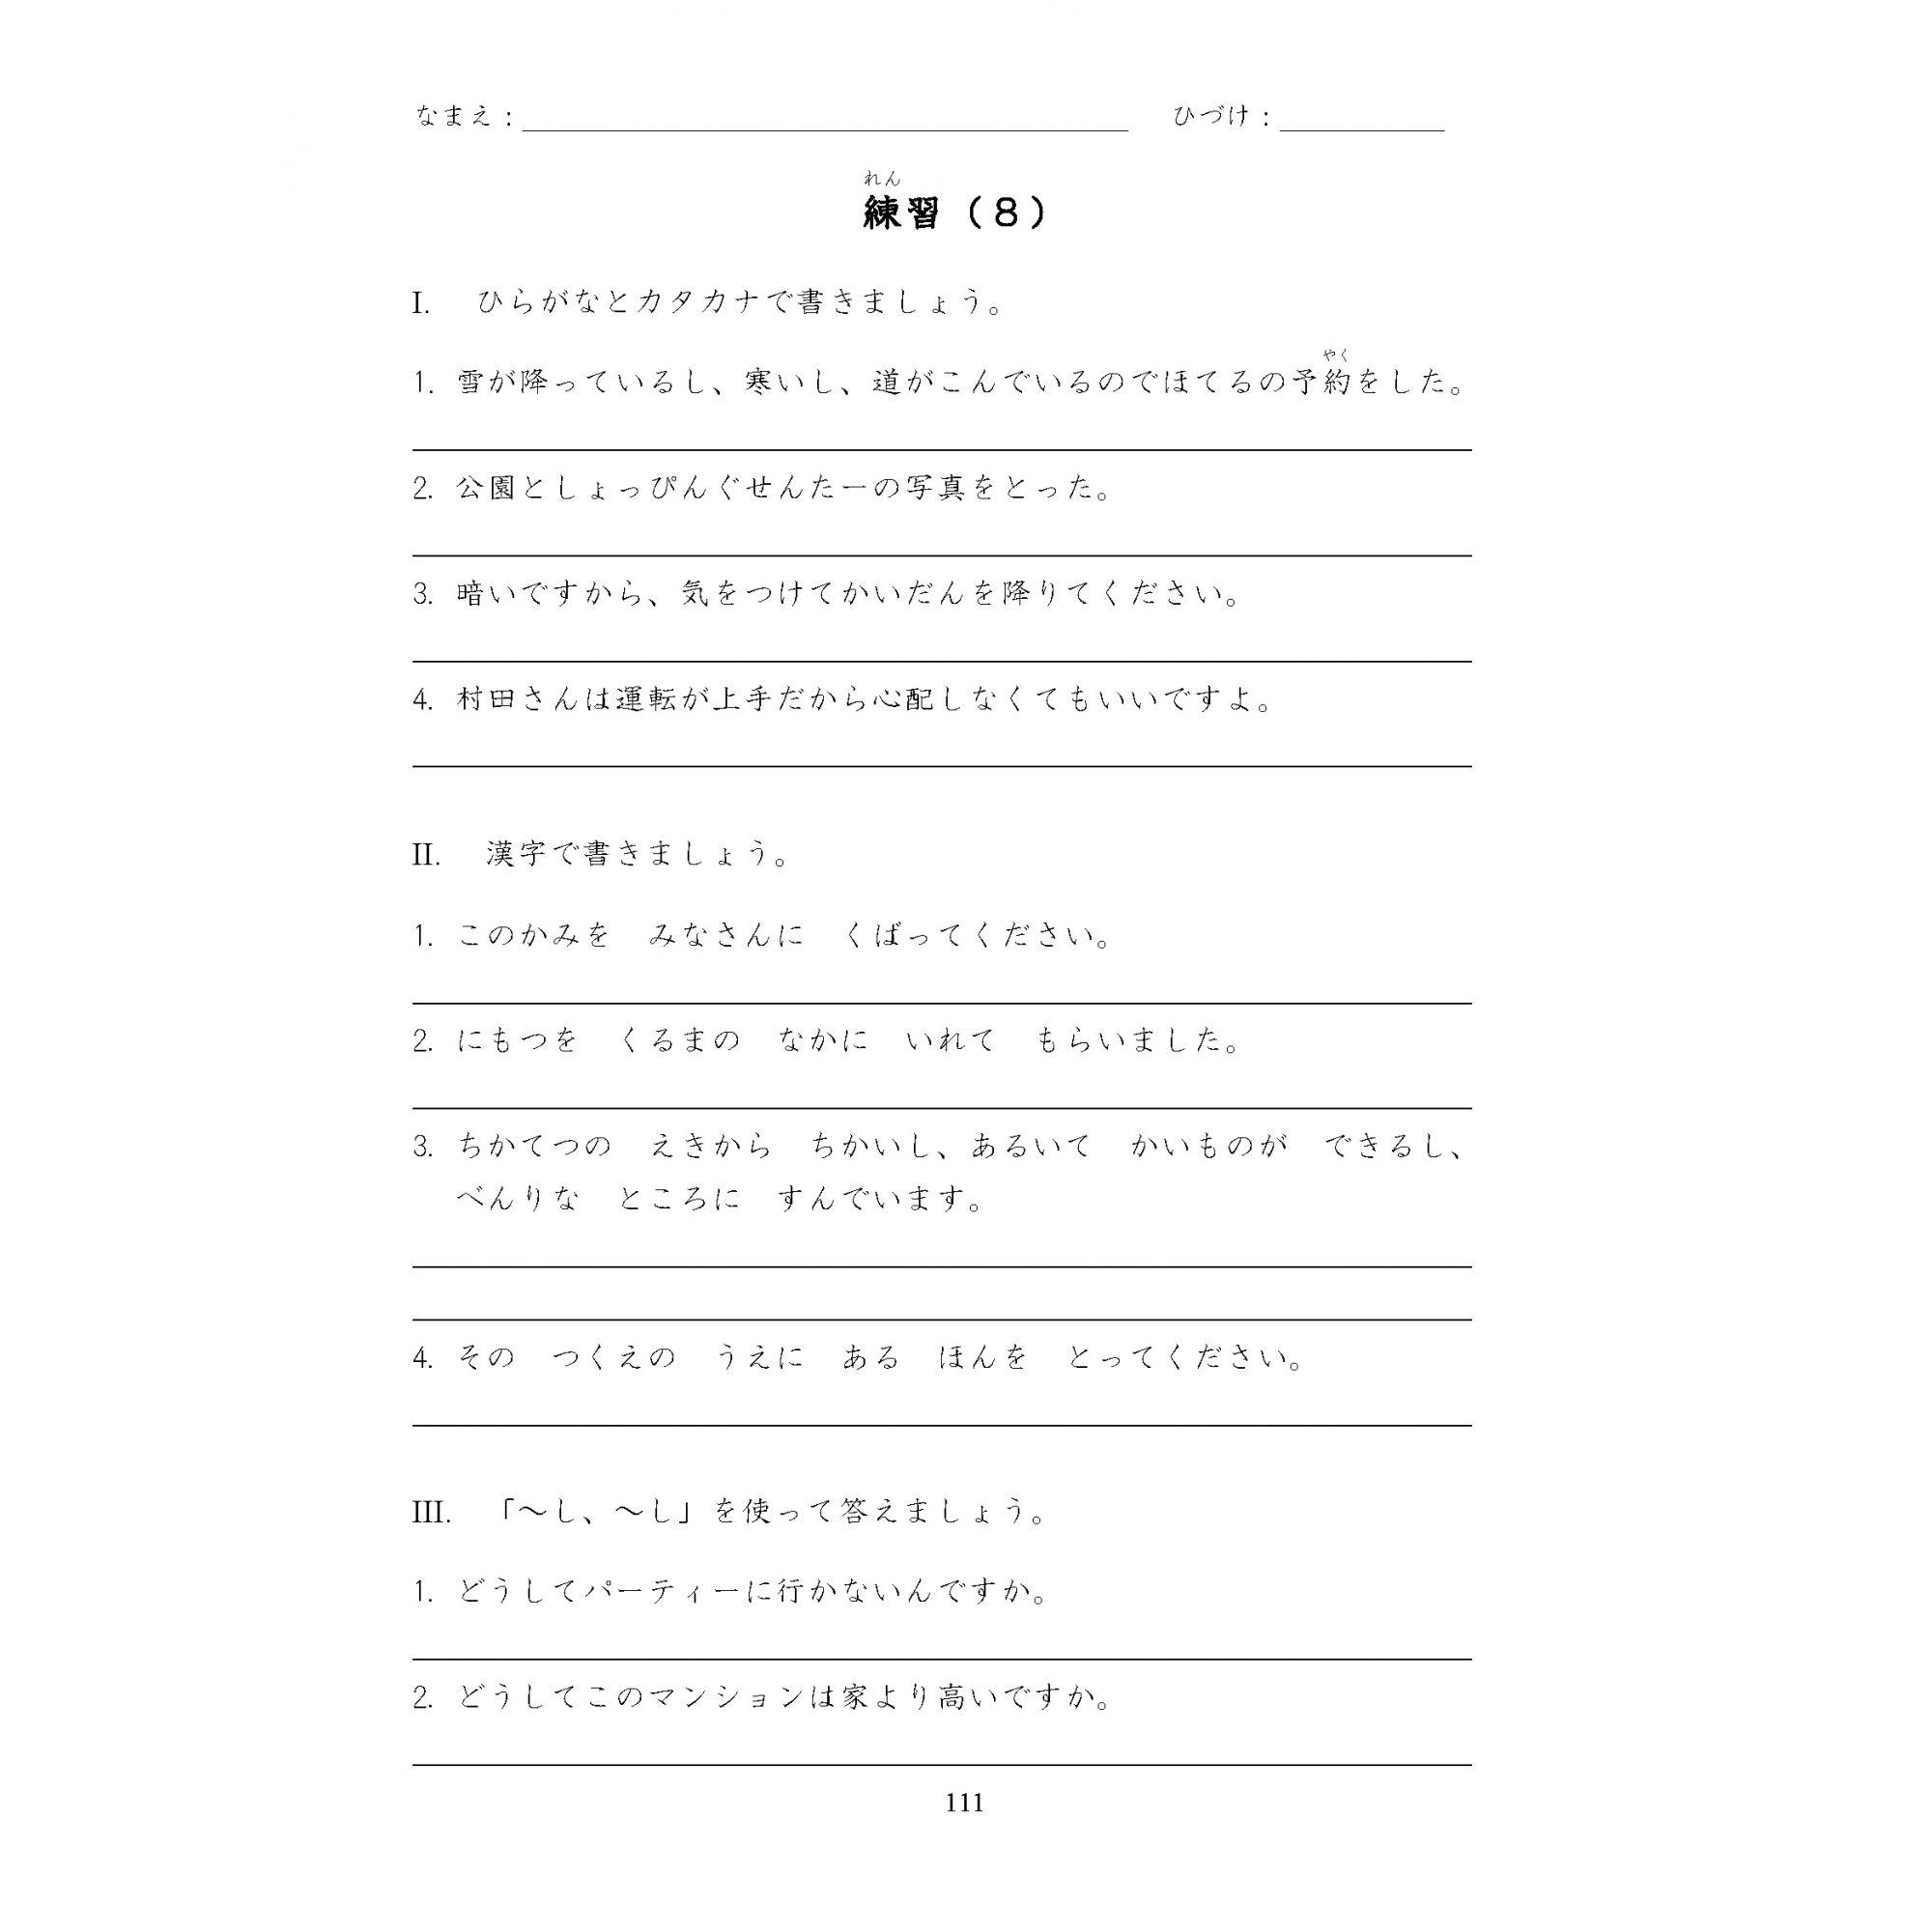 PROGRESSIVE - CURSO BÁSICO DE JAPONÊS 5